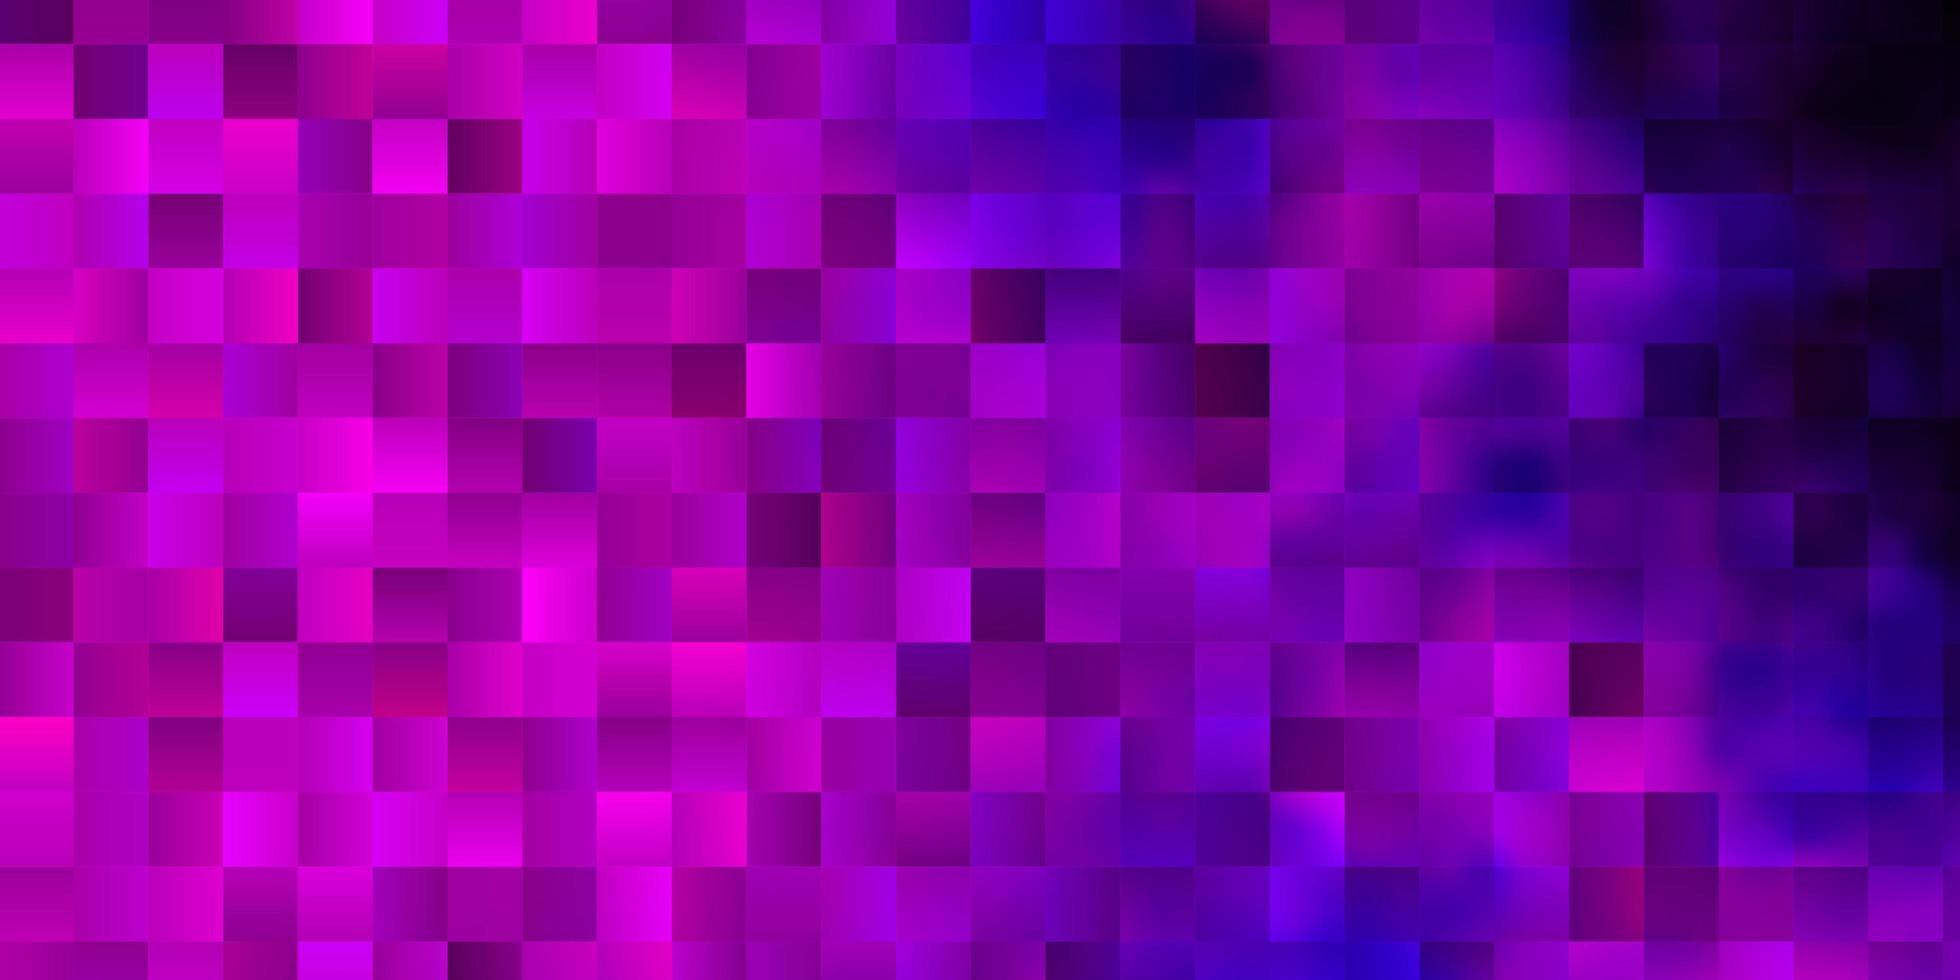 ljusrosa, blå vektormönster i fyrkantig stil. vektor